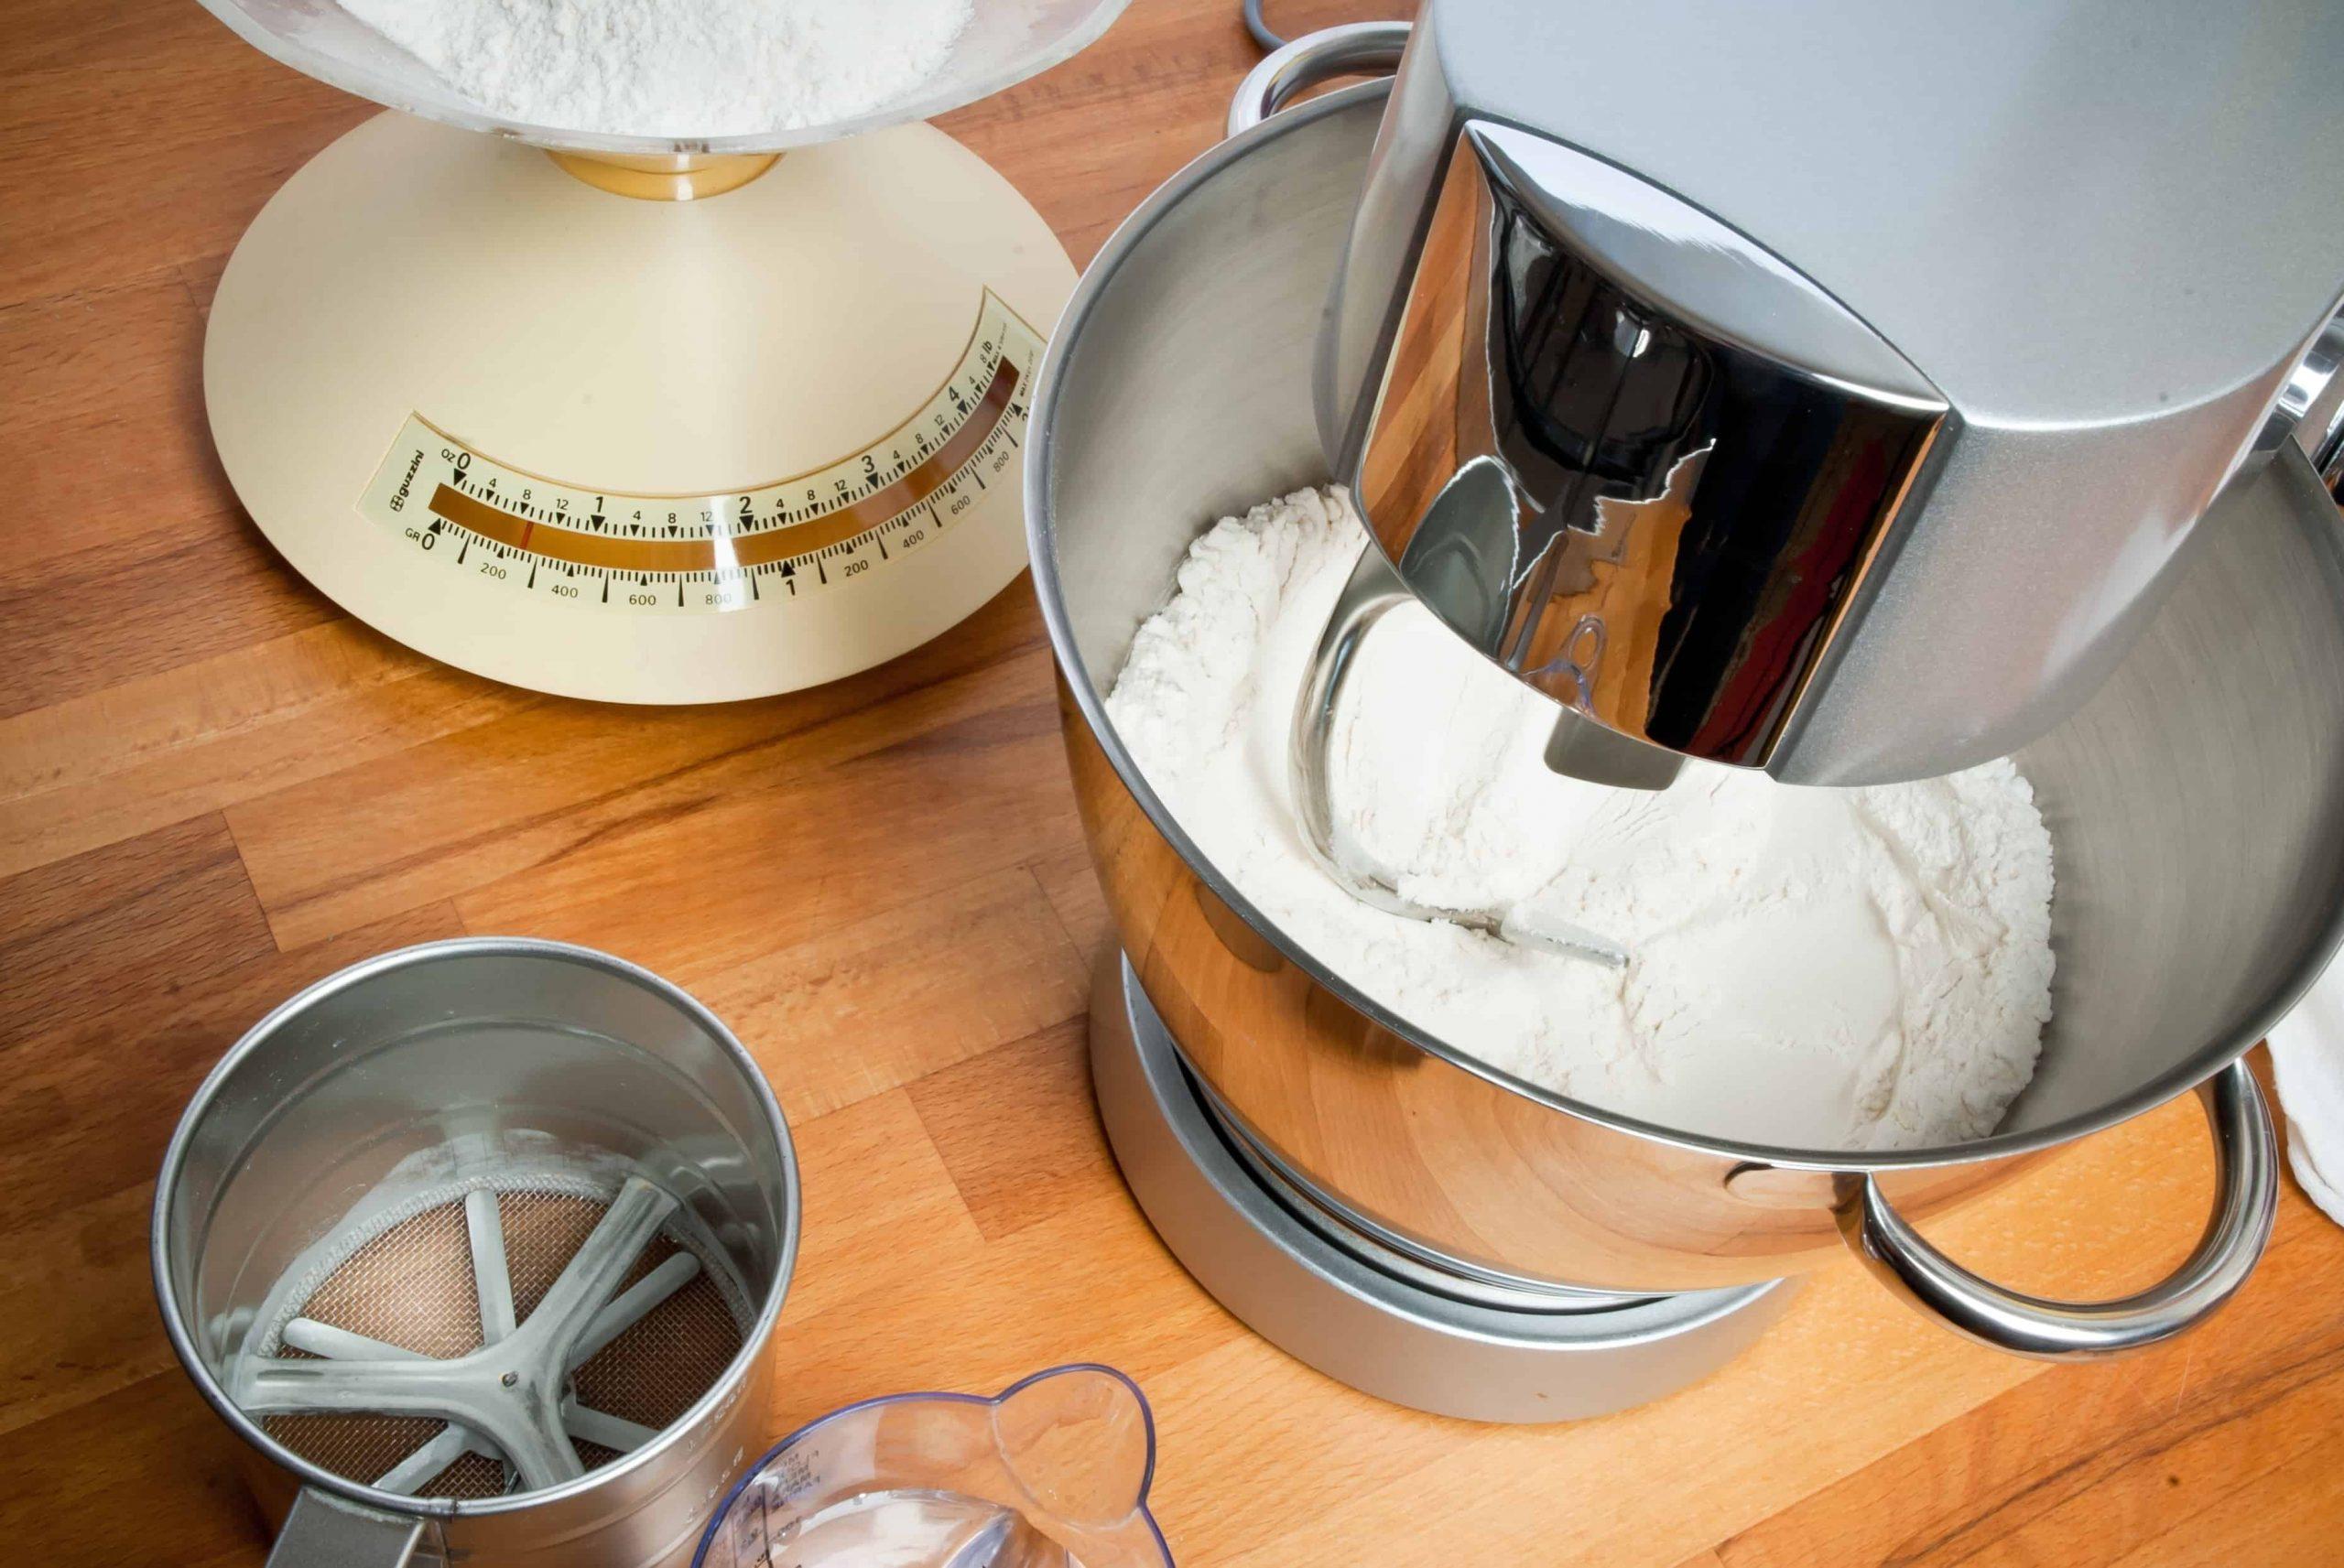 Miglior robot da cucina Kenwood 2020: Guida all\'acquisto ...